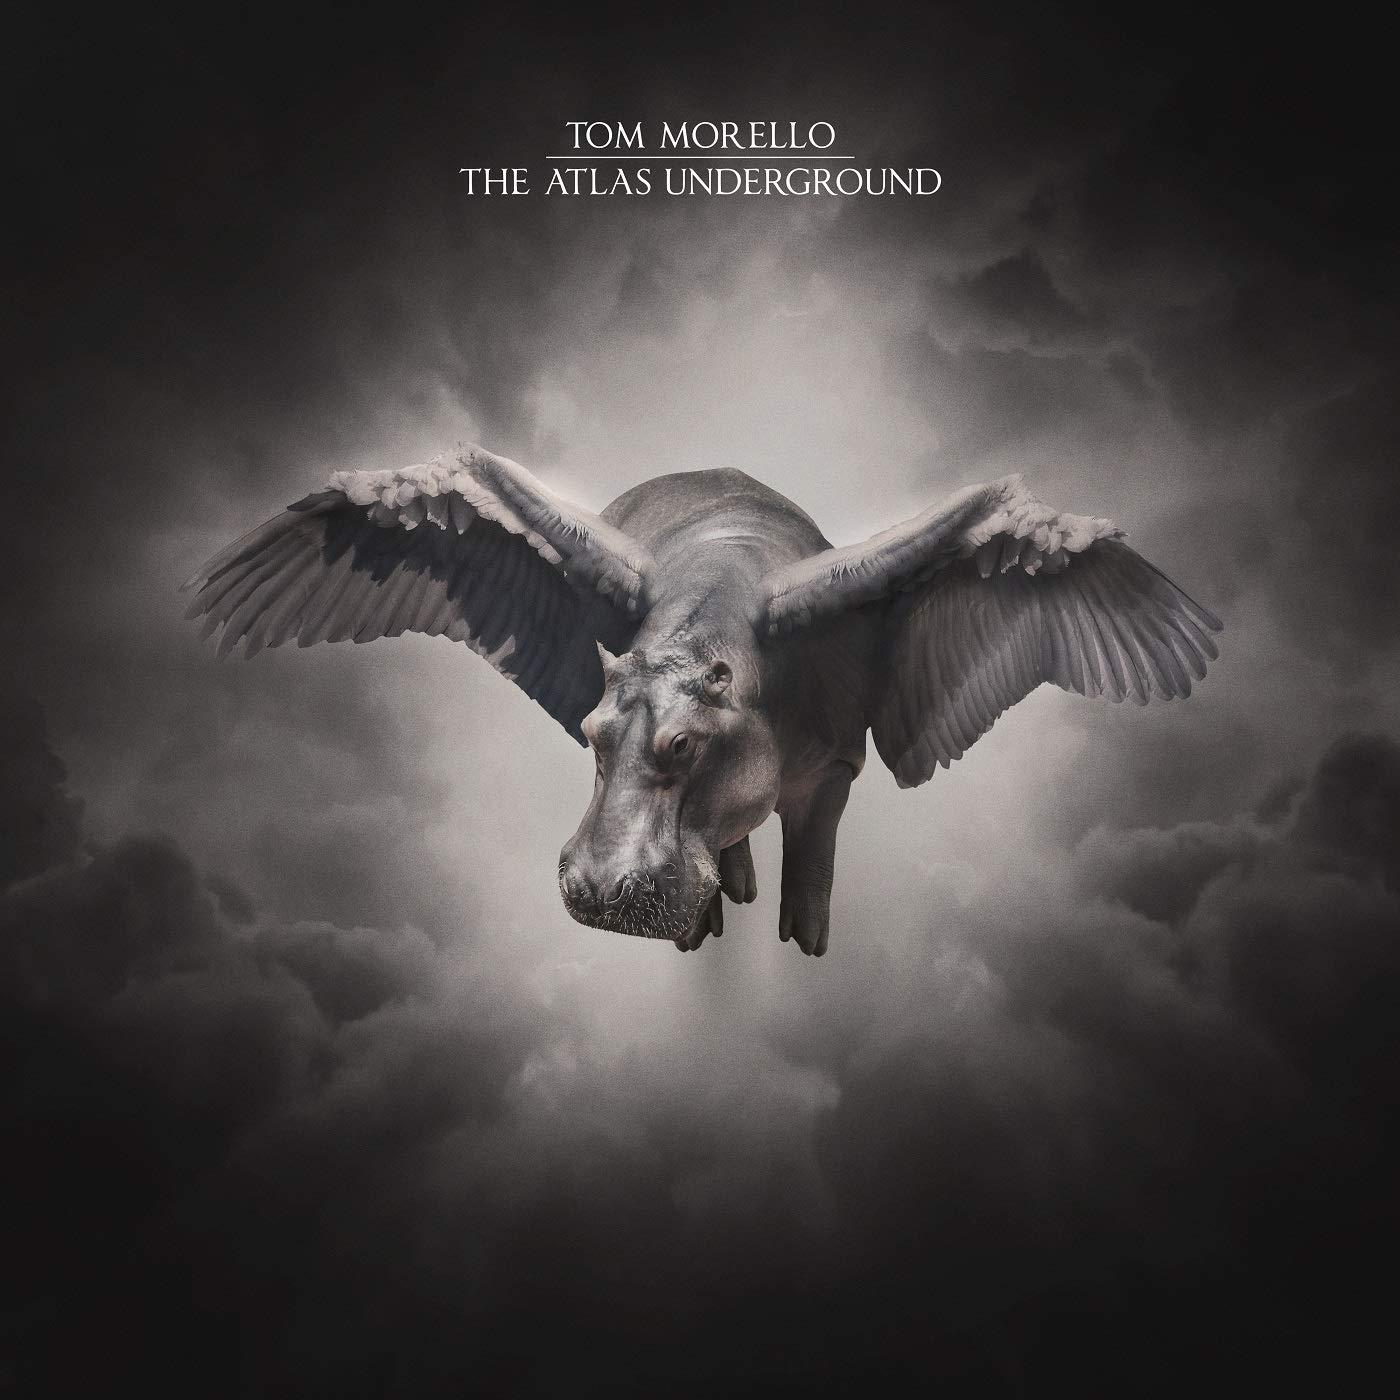 トム・モレロ、新時代のEDMロックアルバム「The Atlas Underground」